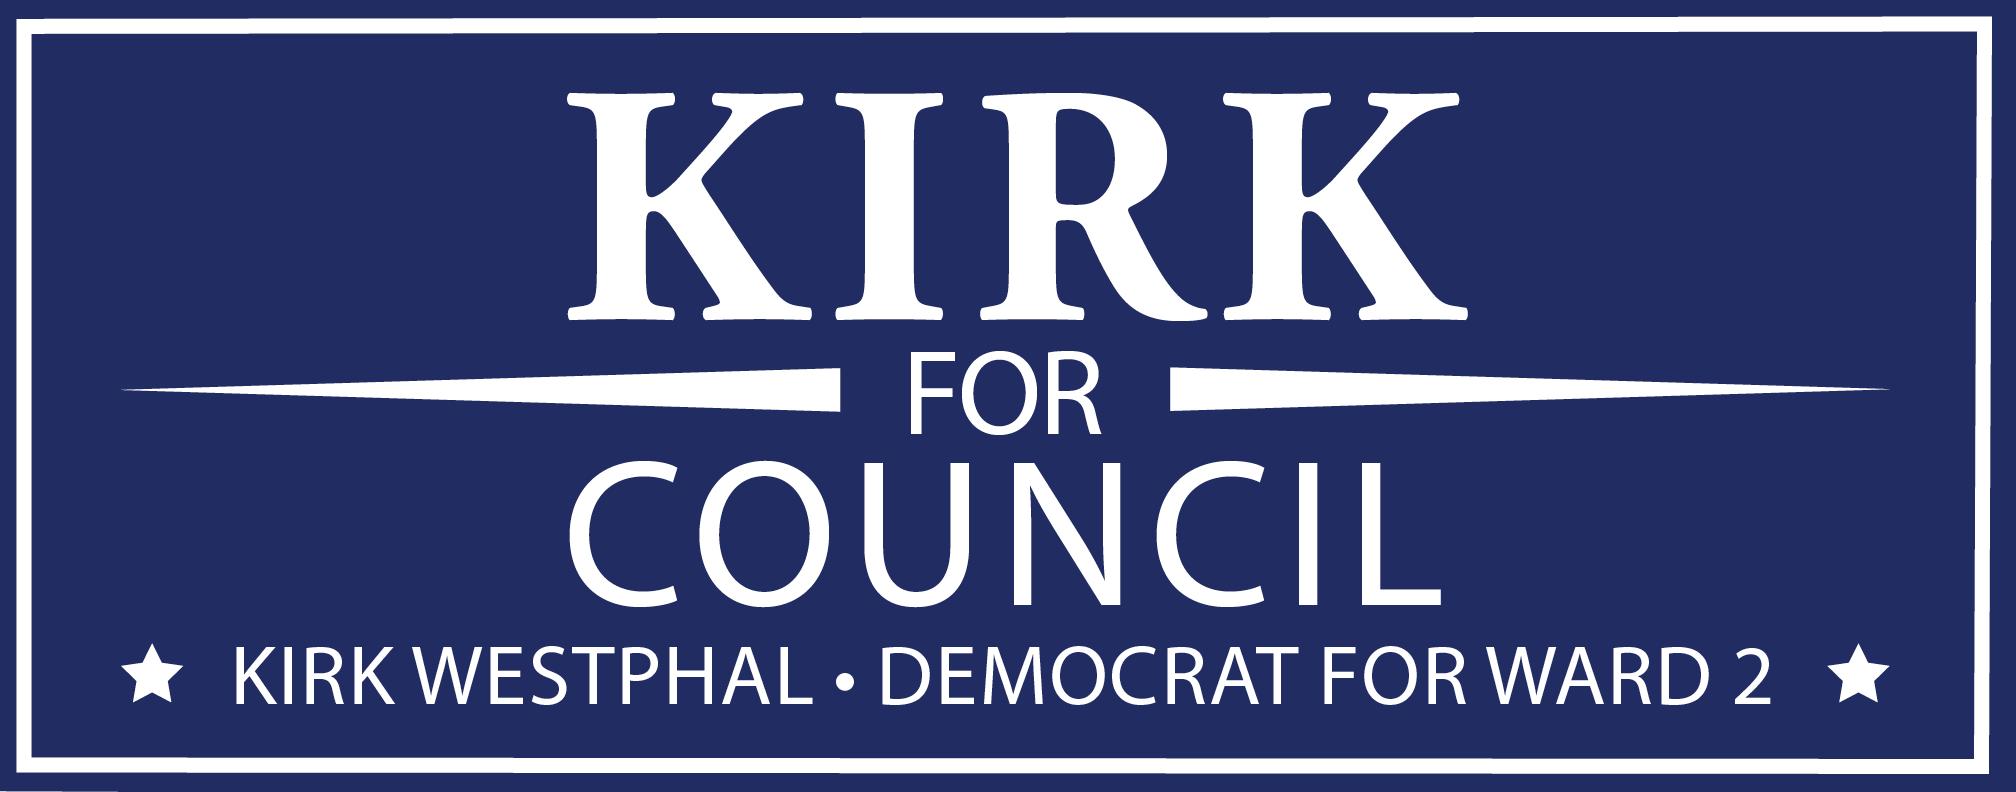 Kirk Westphal